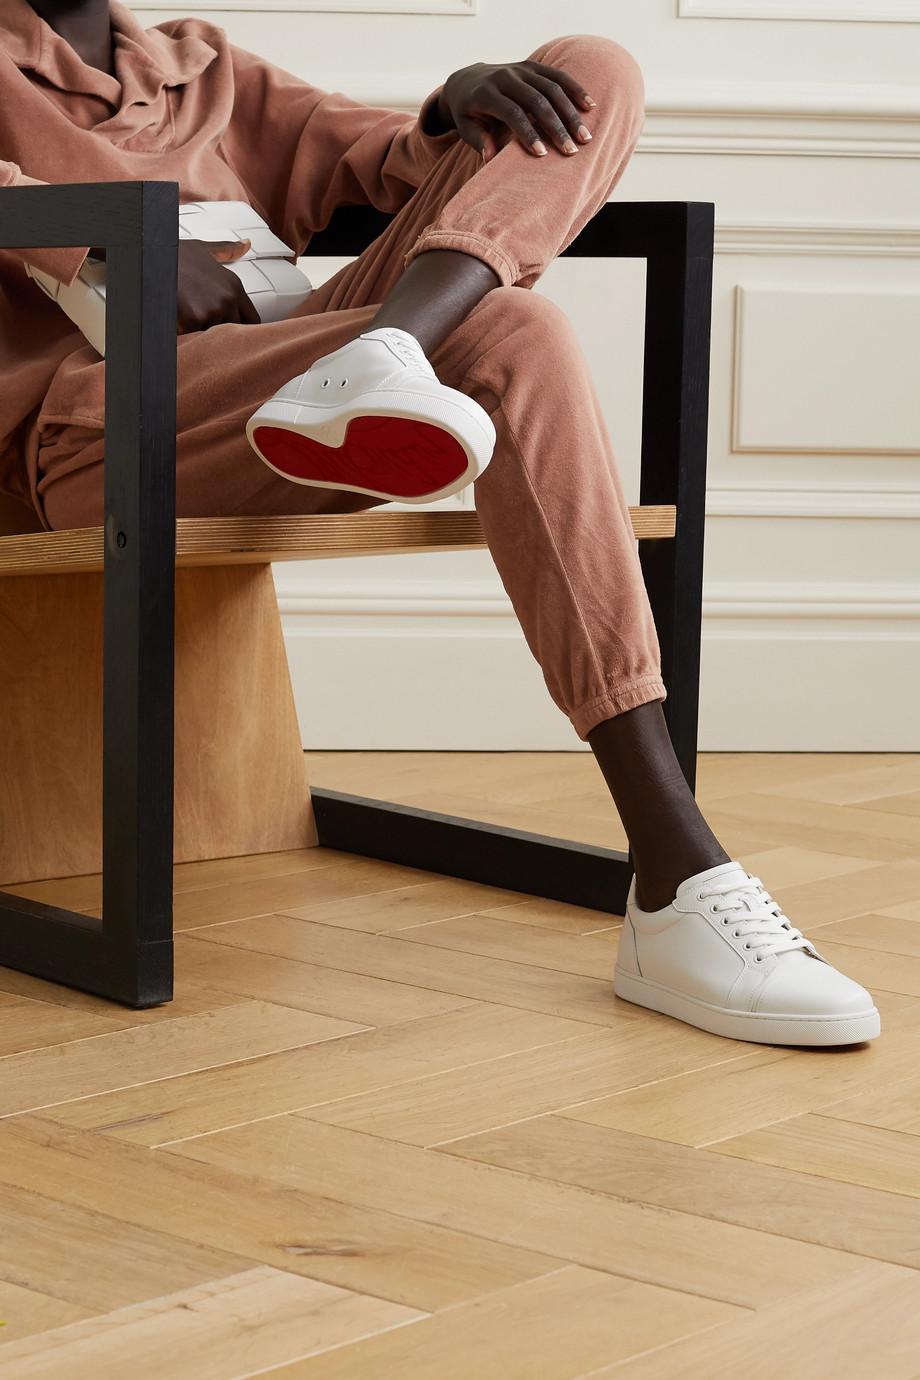 Christian Louboutin Vieira leather sneakers